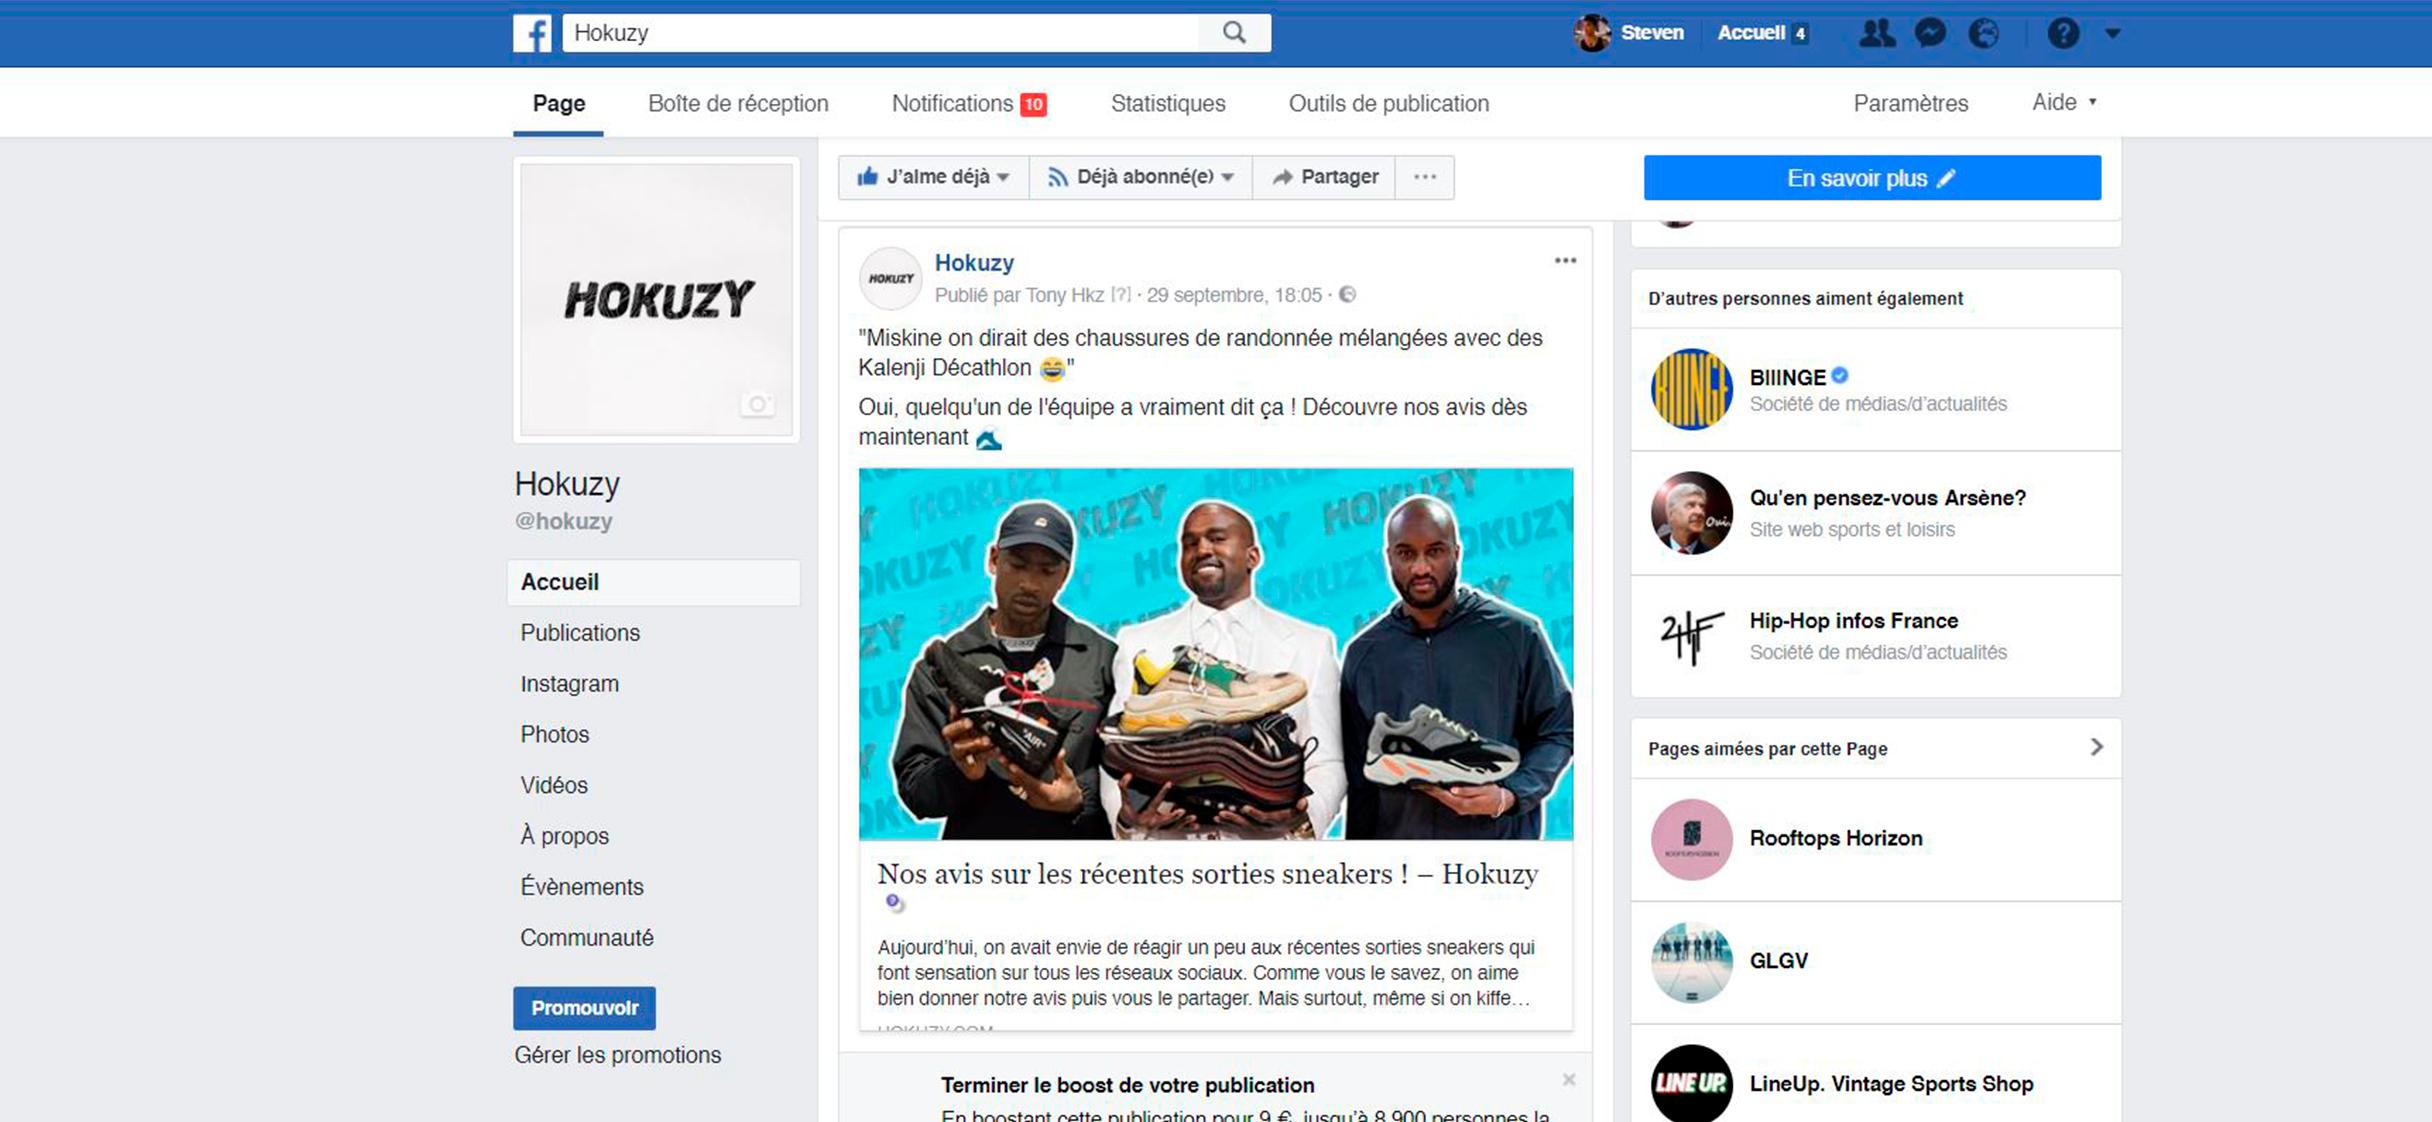 facebookhokuzy